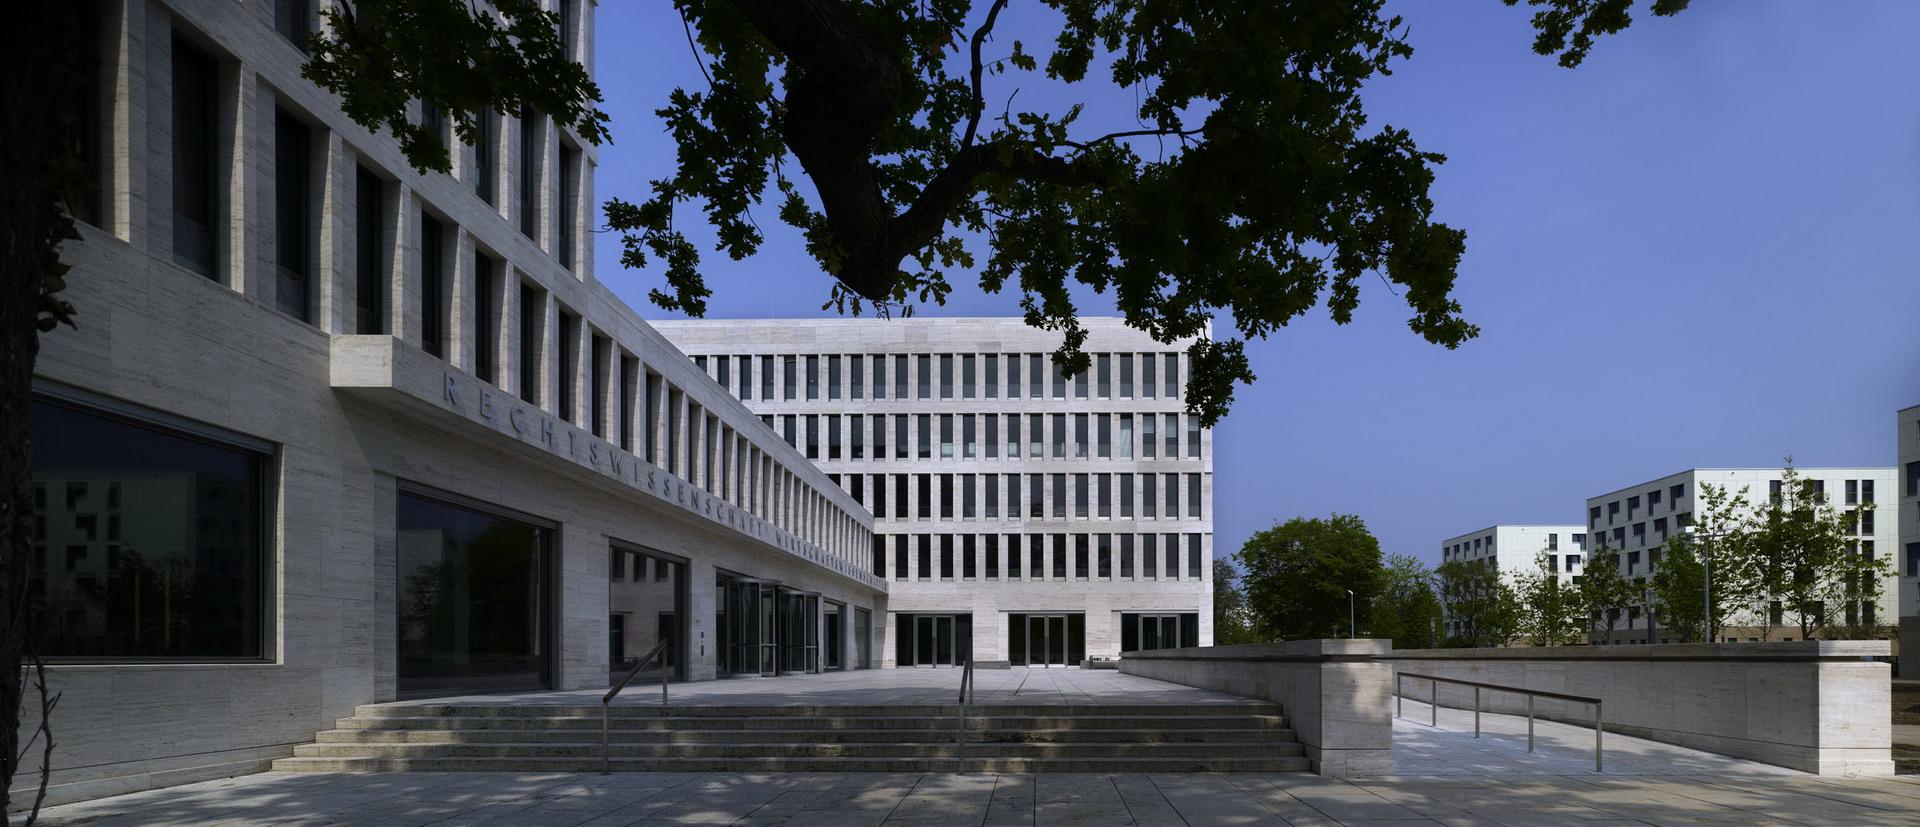 200-ruw-fakultaeten-recht-wirtschaft-campus-i-frankfurt-haupeingang2_ridimensionare